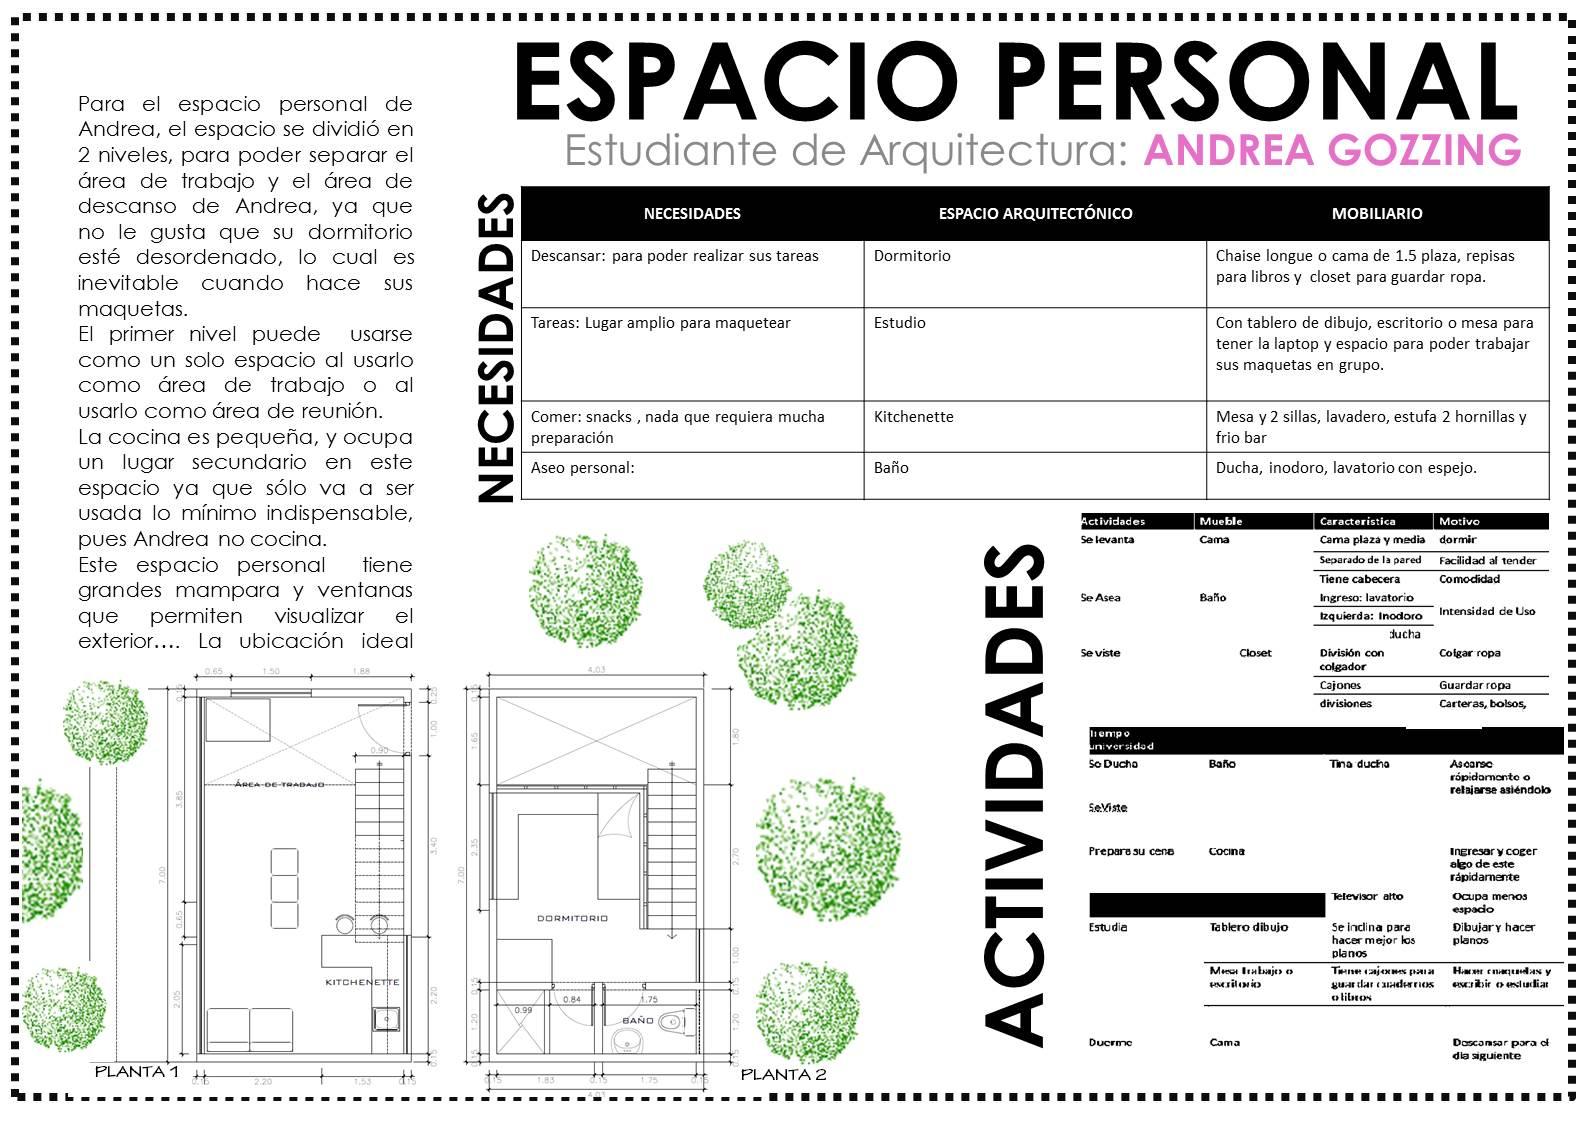 Introduccion a la arquitectura proyecto individual for Ejemplo de programa de necesidades arquitectura